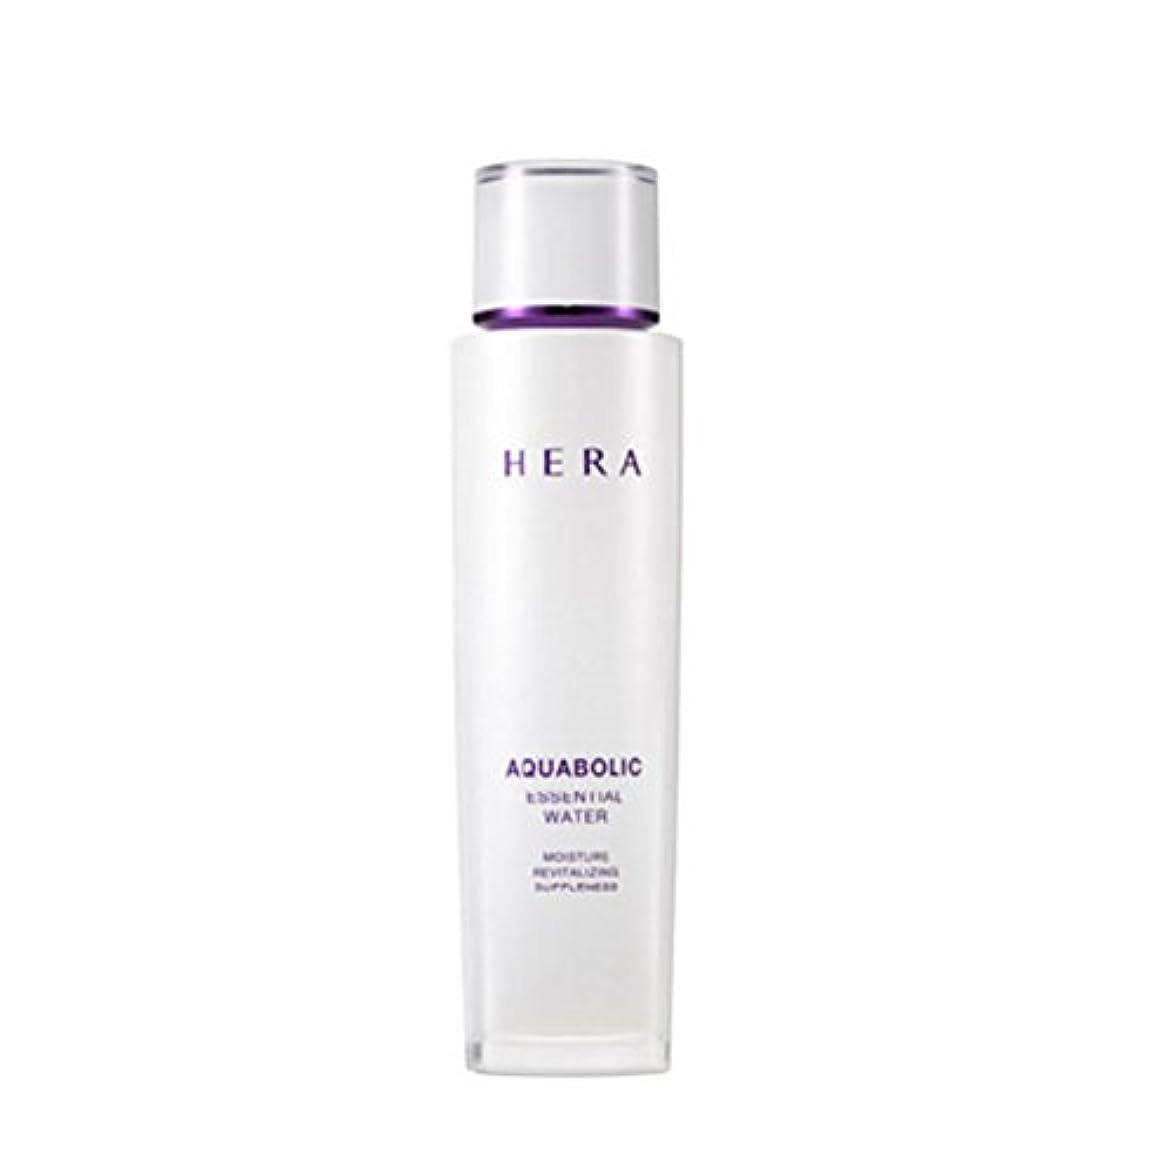 過言うんざり忠実に(ヘラ) HERA Aquabolic Essential Water アクアボルリクエッセンシャルウオーター (韓国直発送) oopspanda